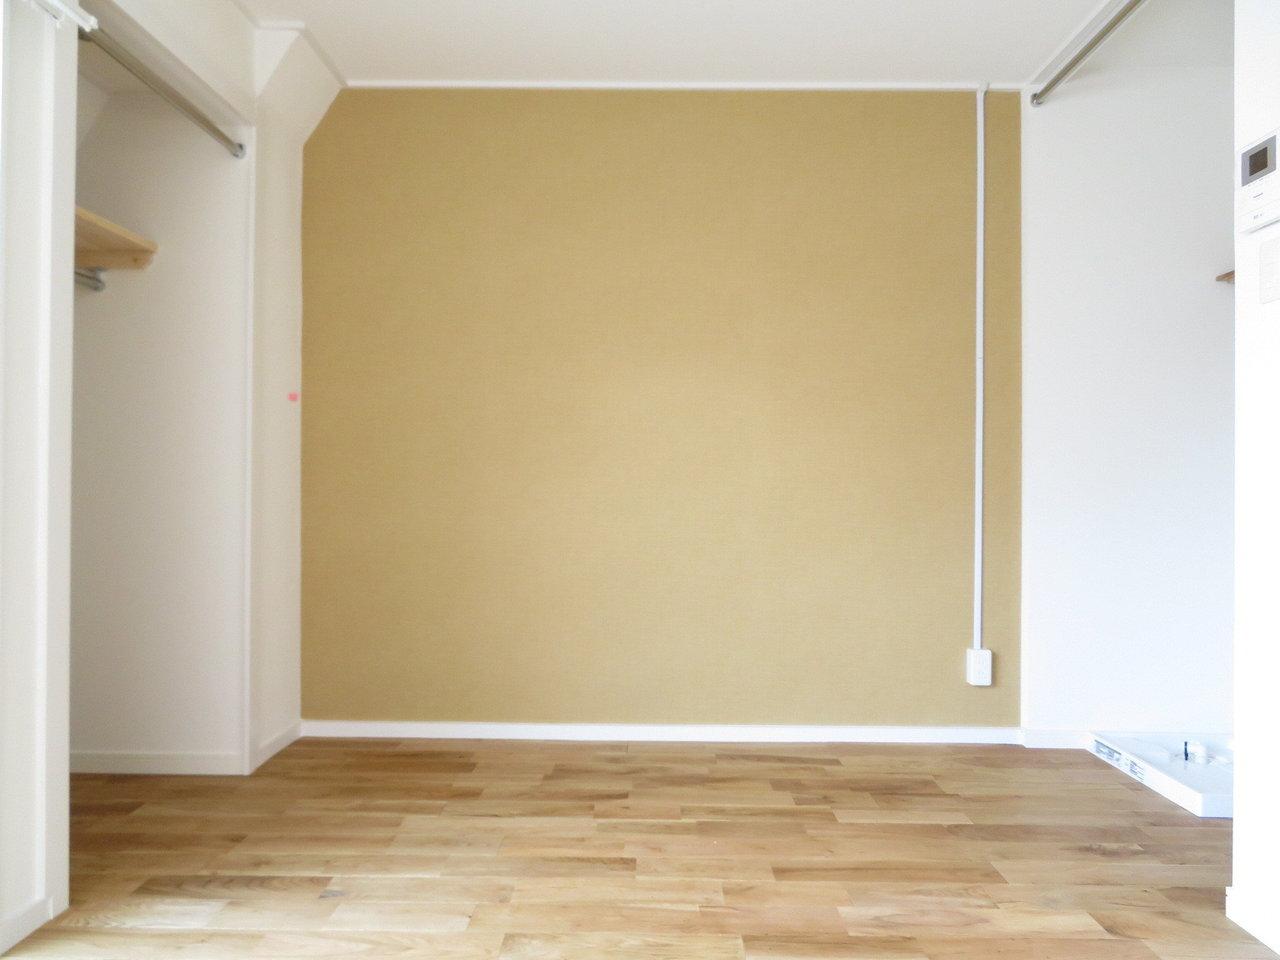 床はオーク材、壁紙も落ち着いたからし色をチョイス。全体的にシックな印象に仕上がっています。